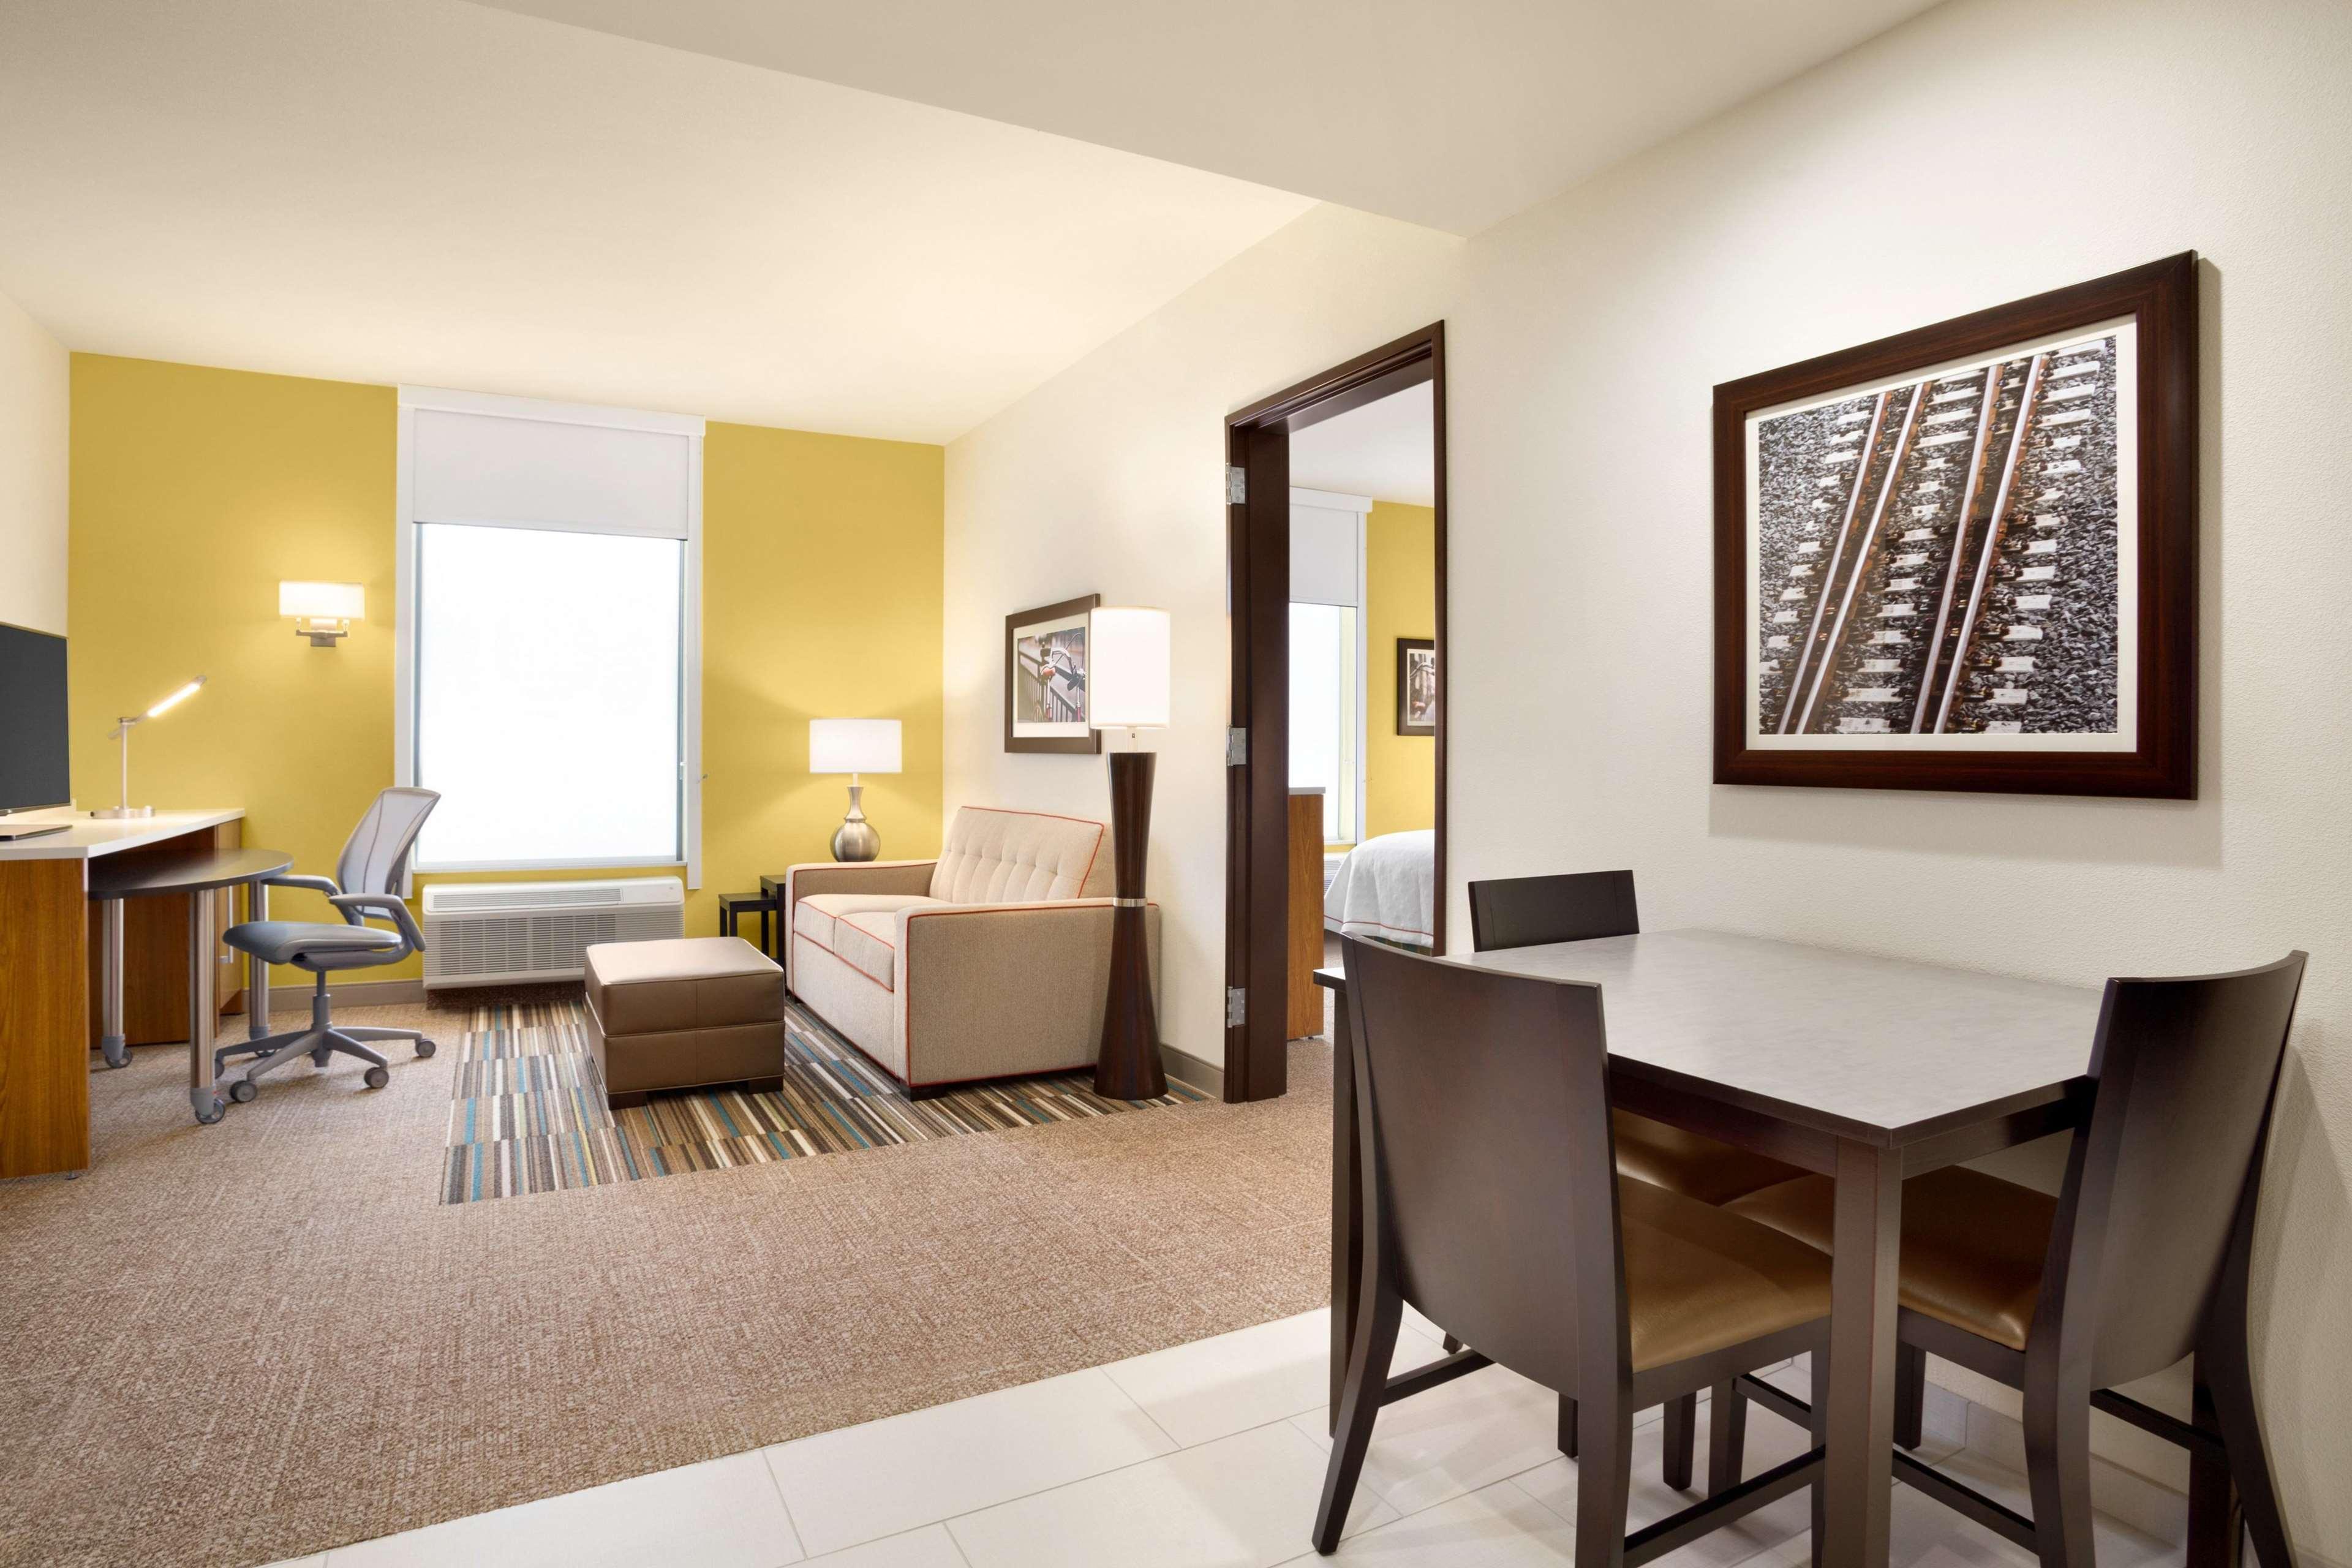 Home2 Suites by Hilton Birmingham Downtown image 9